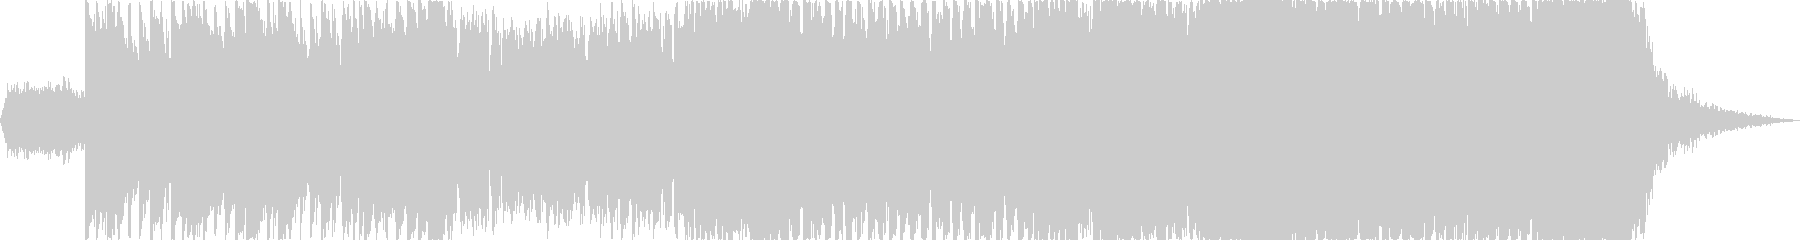 【1分版】ヘヴィーで攻撃的なエレキギターの未再生の波形